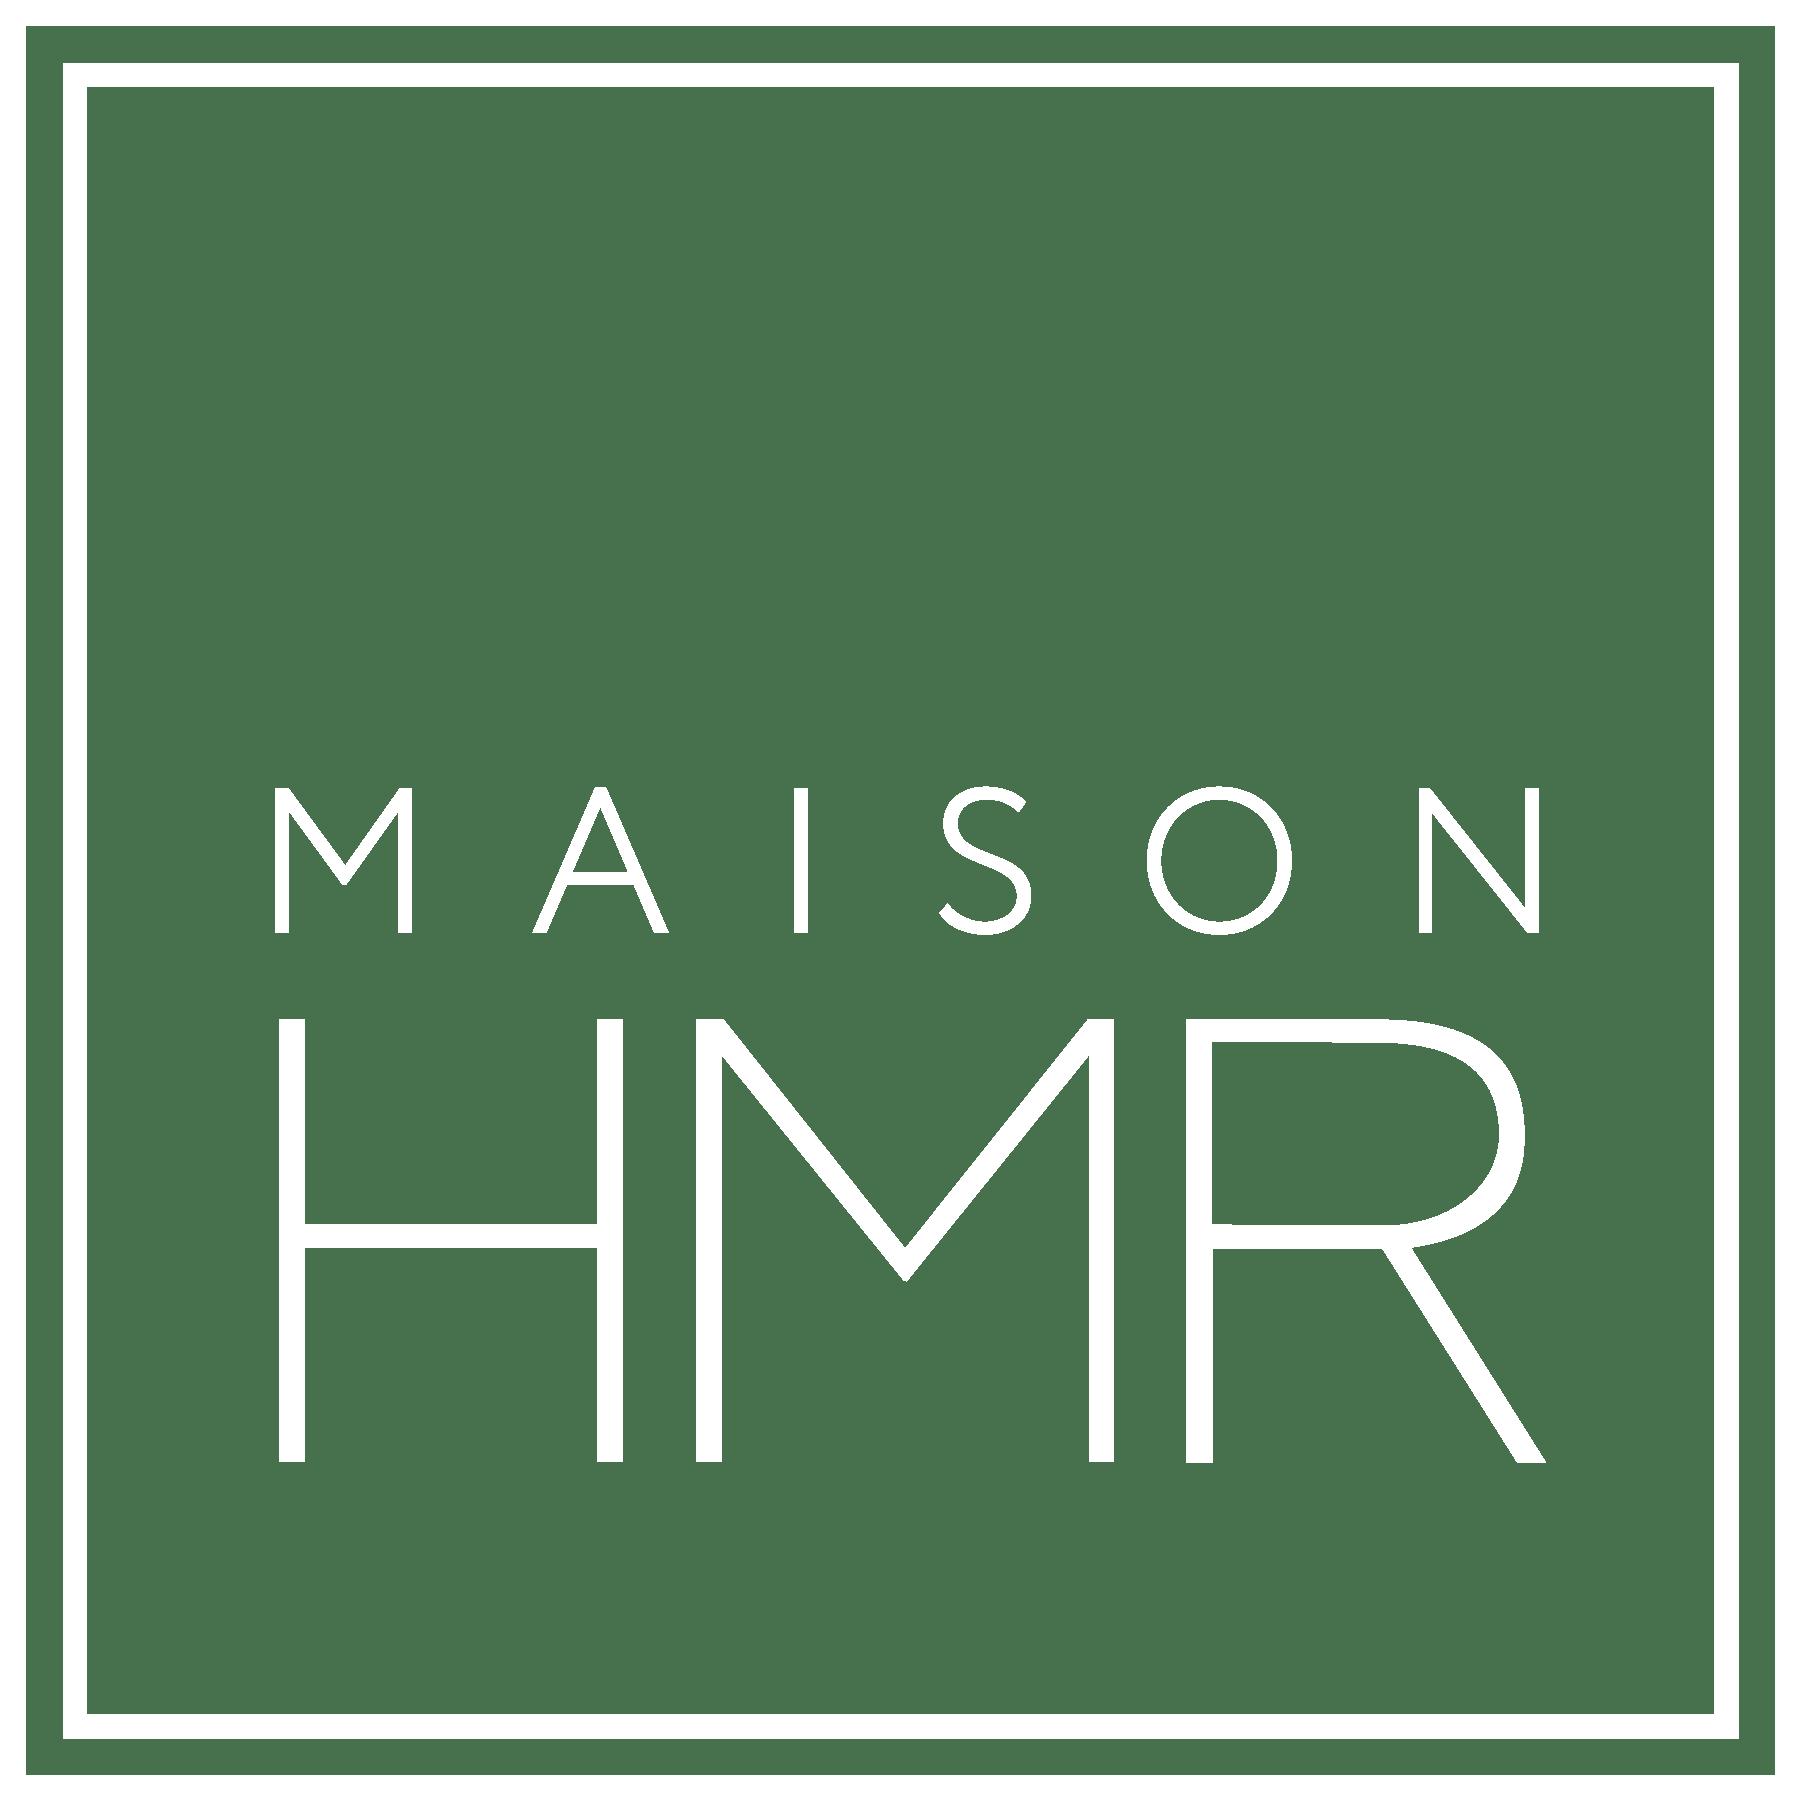 HMR Maison logo